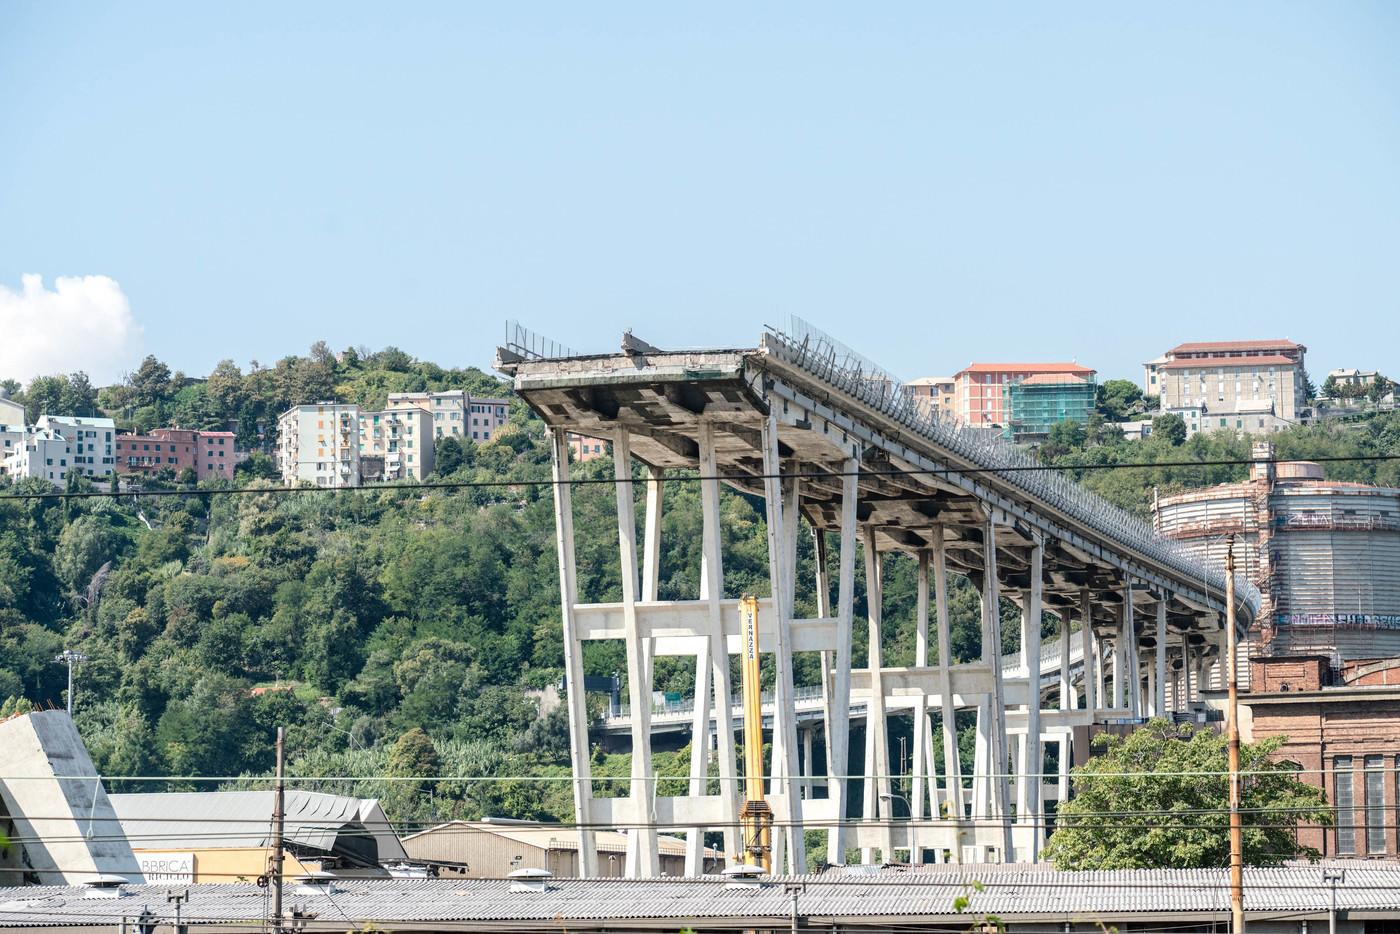 Genova, via libera ad aiuti e sconti fiscali. Non c'è ancora il nome del commissario straordinario